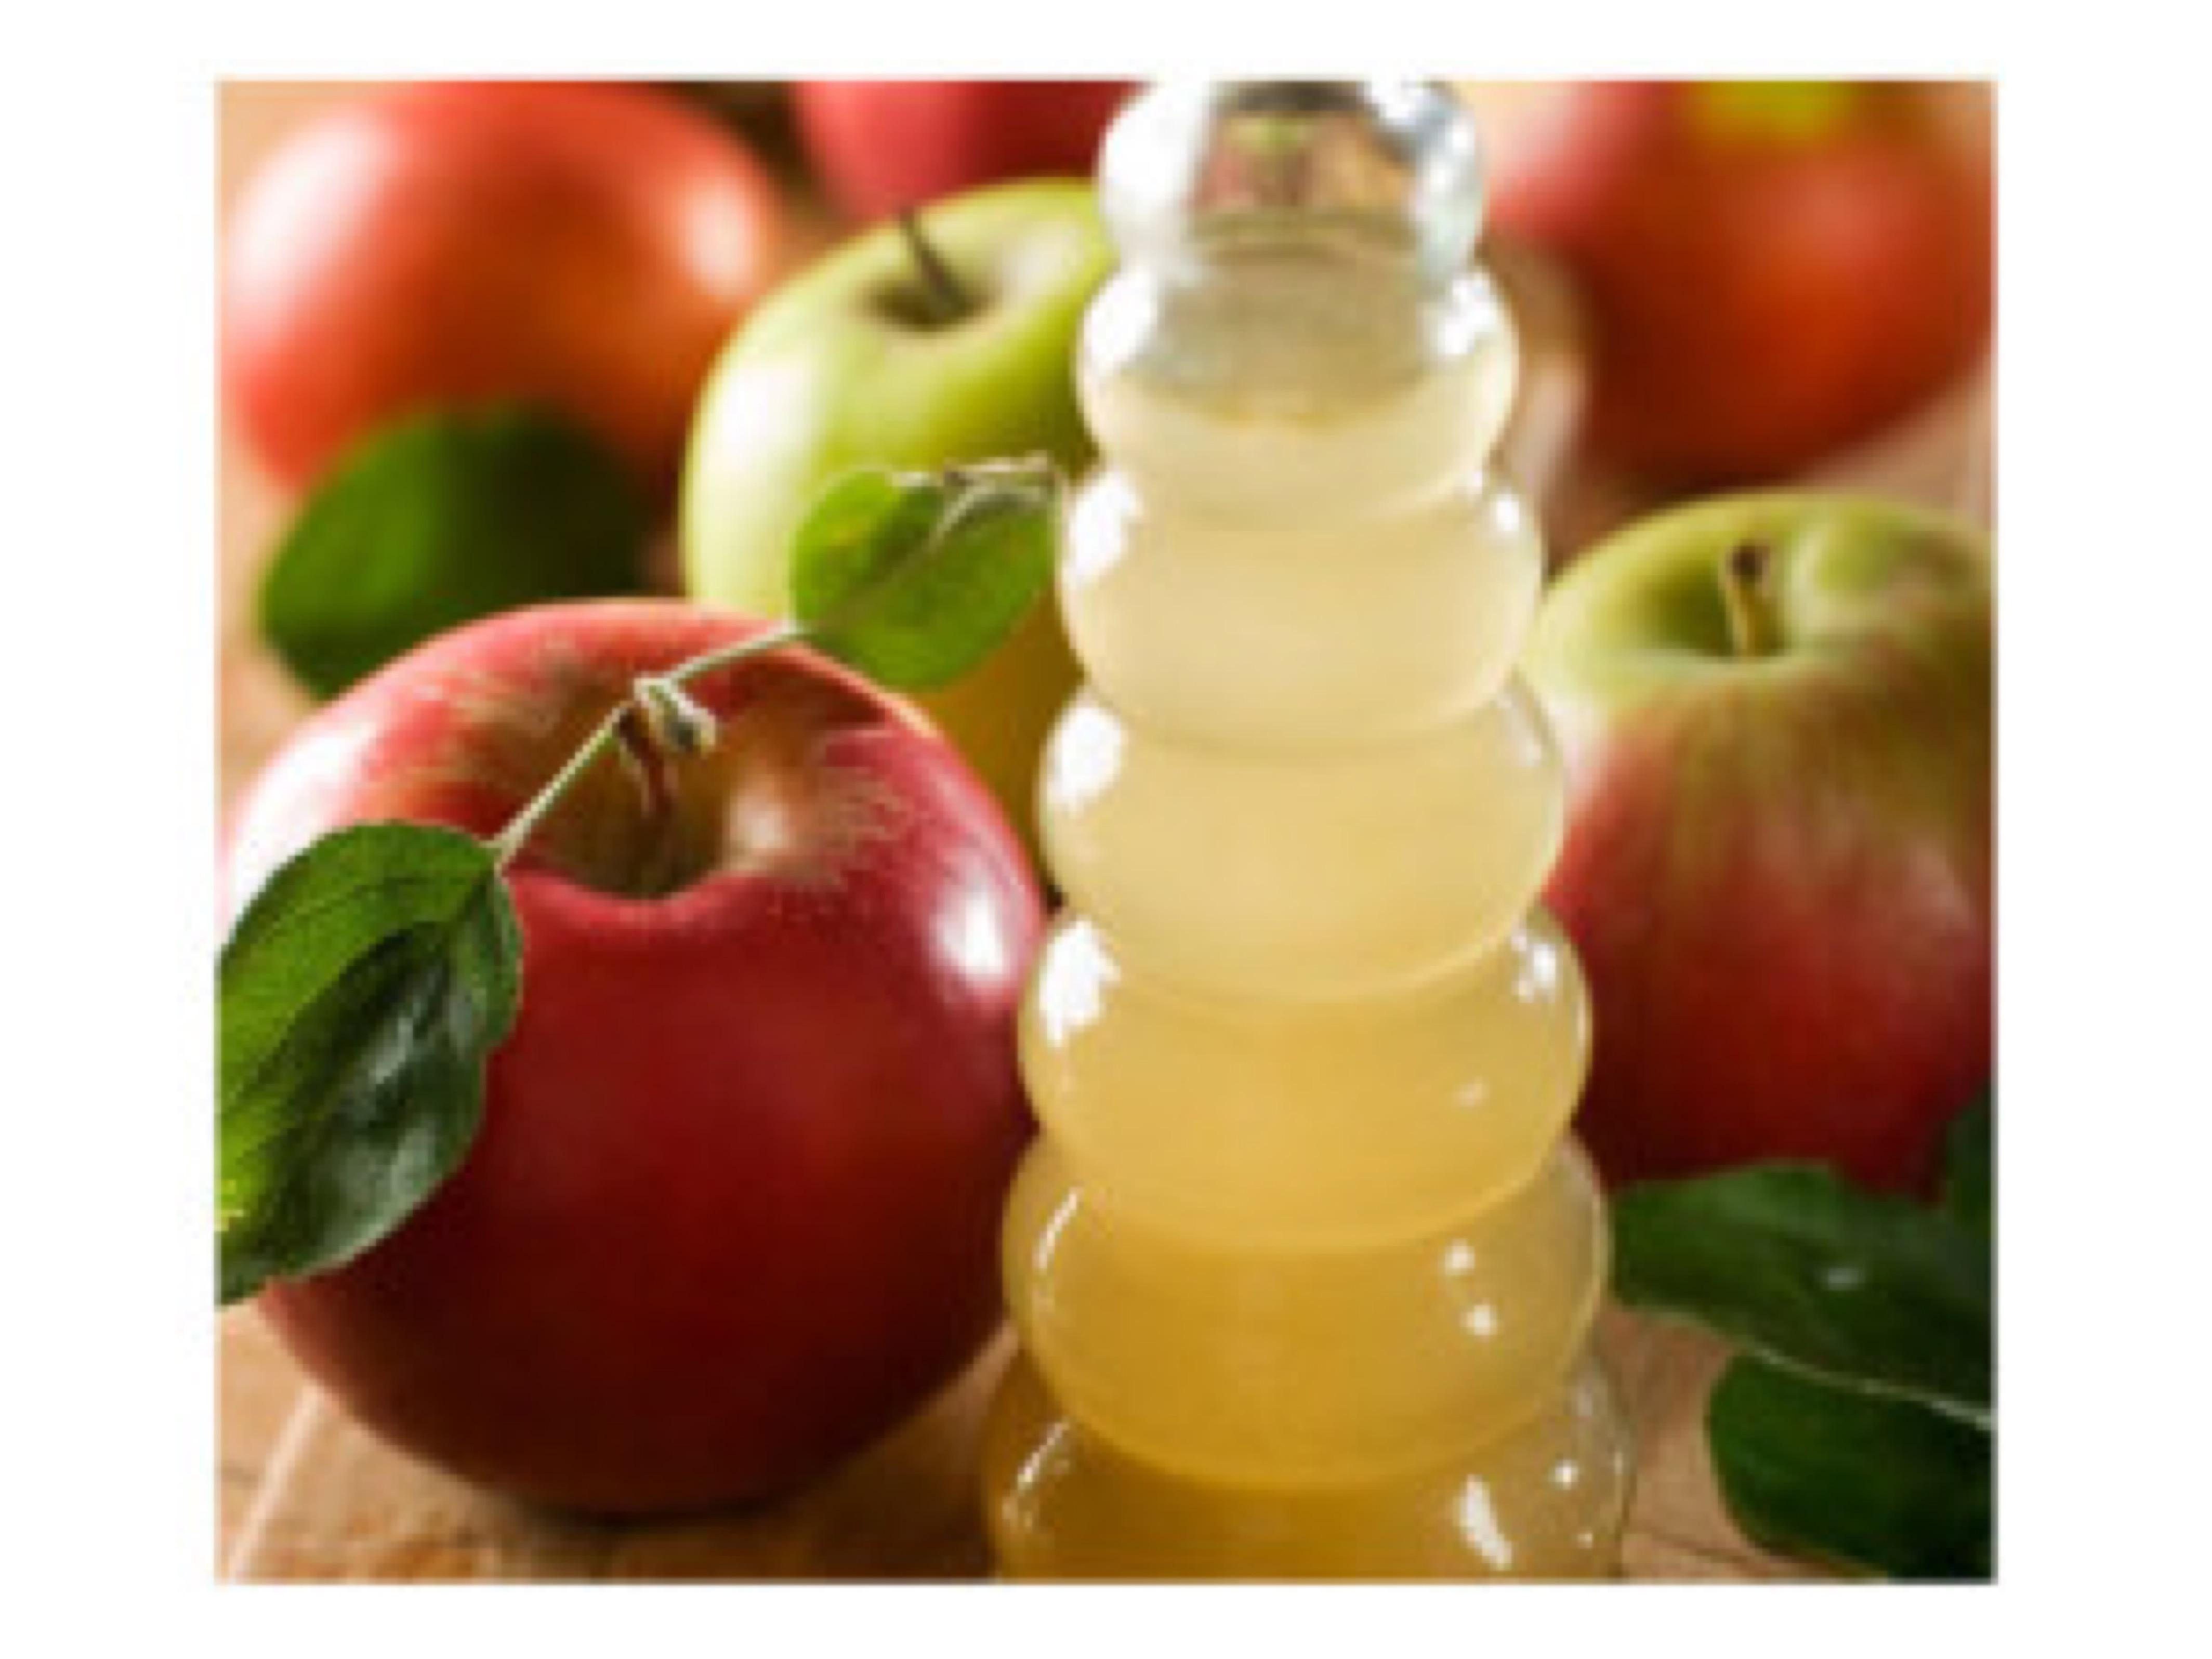 blog image - apple cider vinegar 3